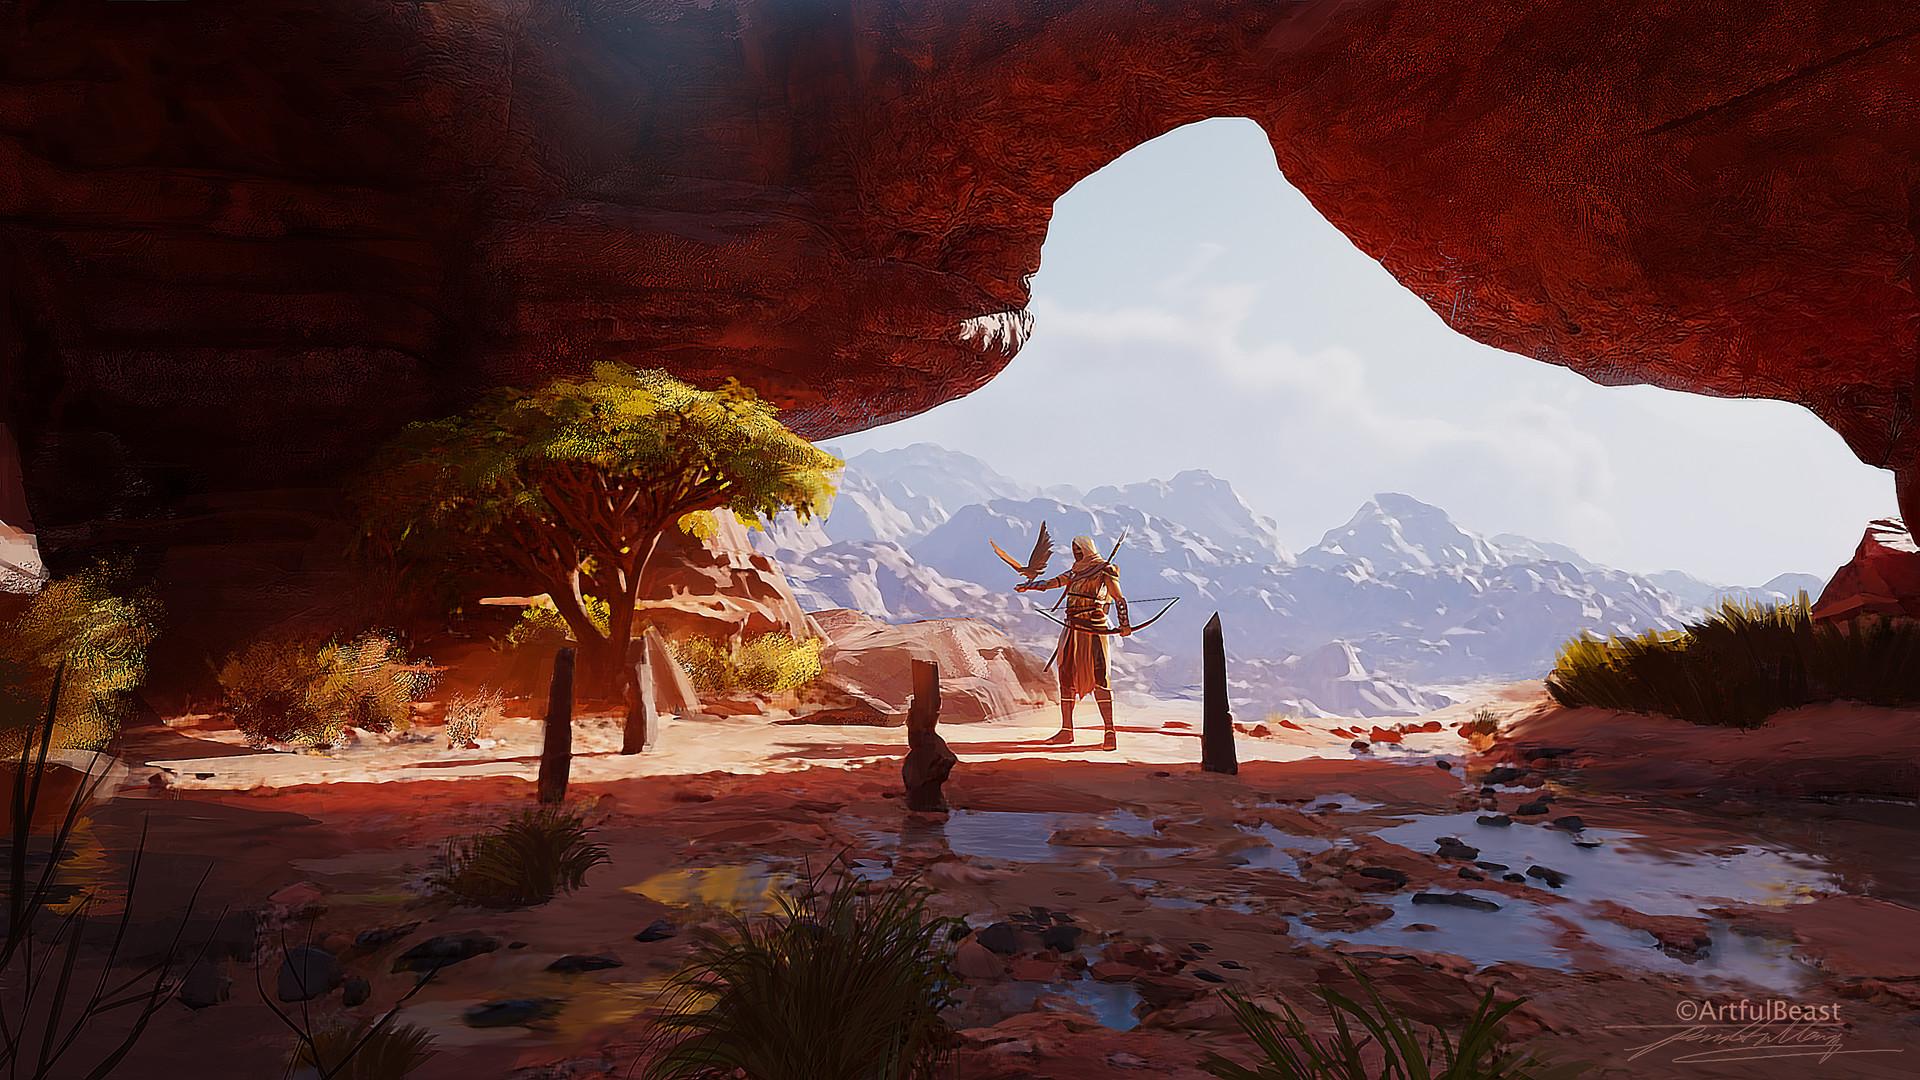 Assassins Creed Origins Video Games Artwork Assassins Creed Egypt Landscape Bayek Eagle Ubisoft 1920x1080